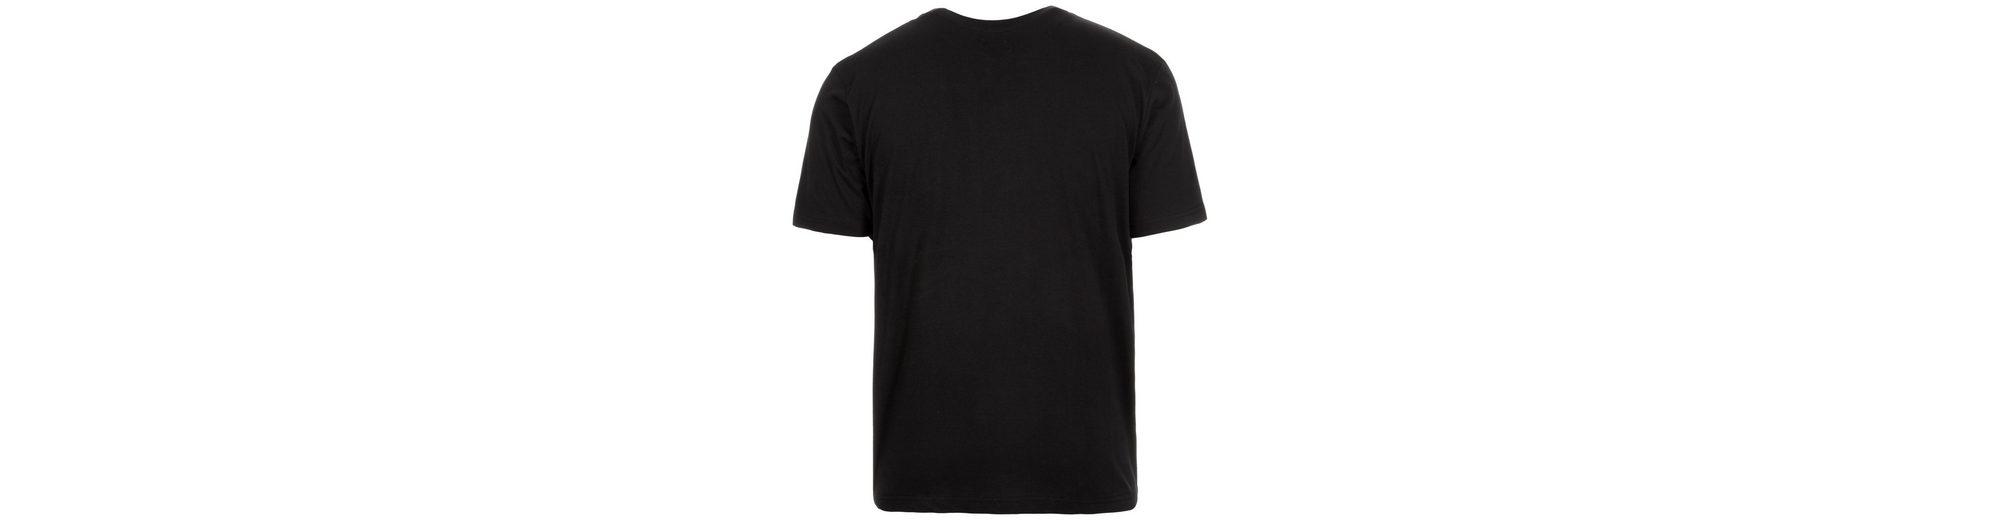 Am Billigsten SPALDING Logo T-Shirt Herren Empfehlen Zum Verkauf Rabatt-Codes Spielraum Store MFSAK